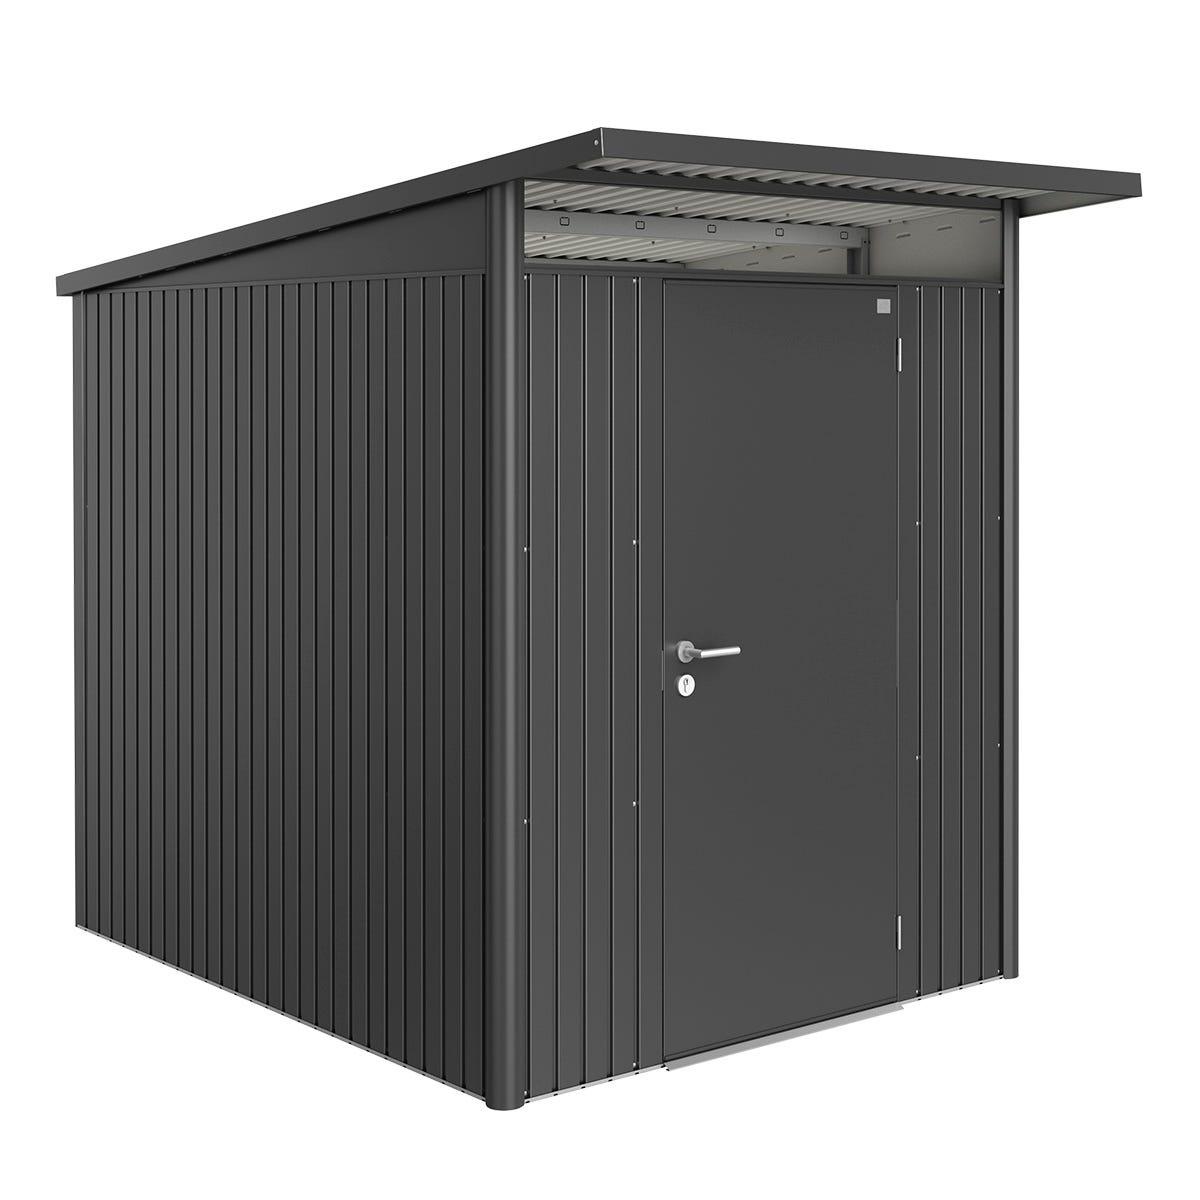 Biohort AvantGarde Metal Shed A2 Standard door 5' 9' x 8' 5'' - Dark Grey